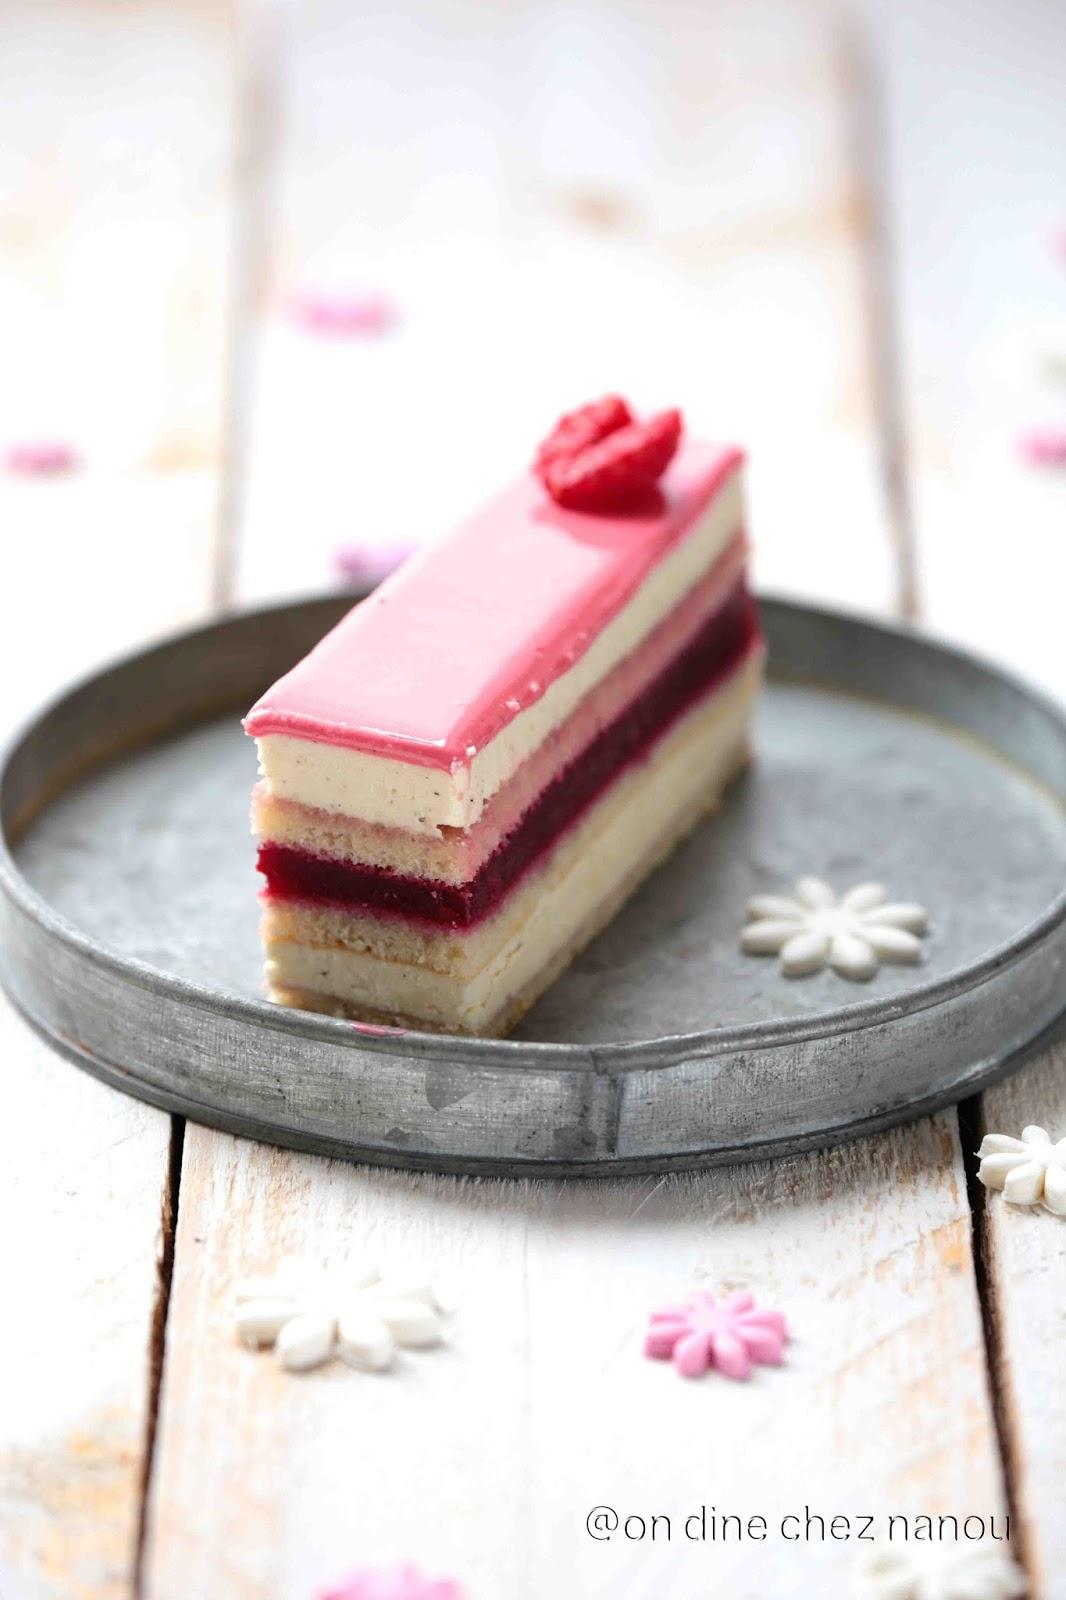 opéra, gâteau patissier , crème au beurre , framboises, dessert de fêtes